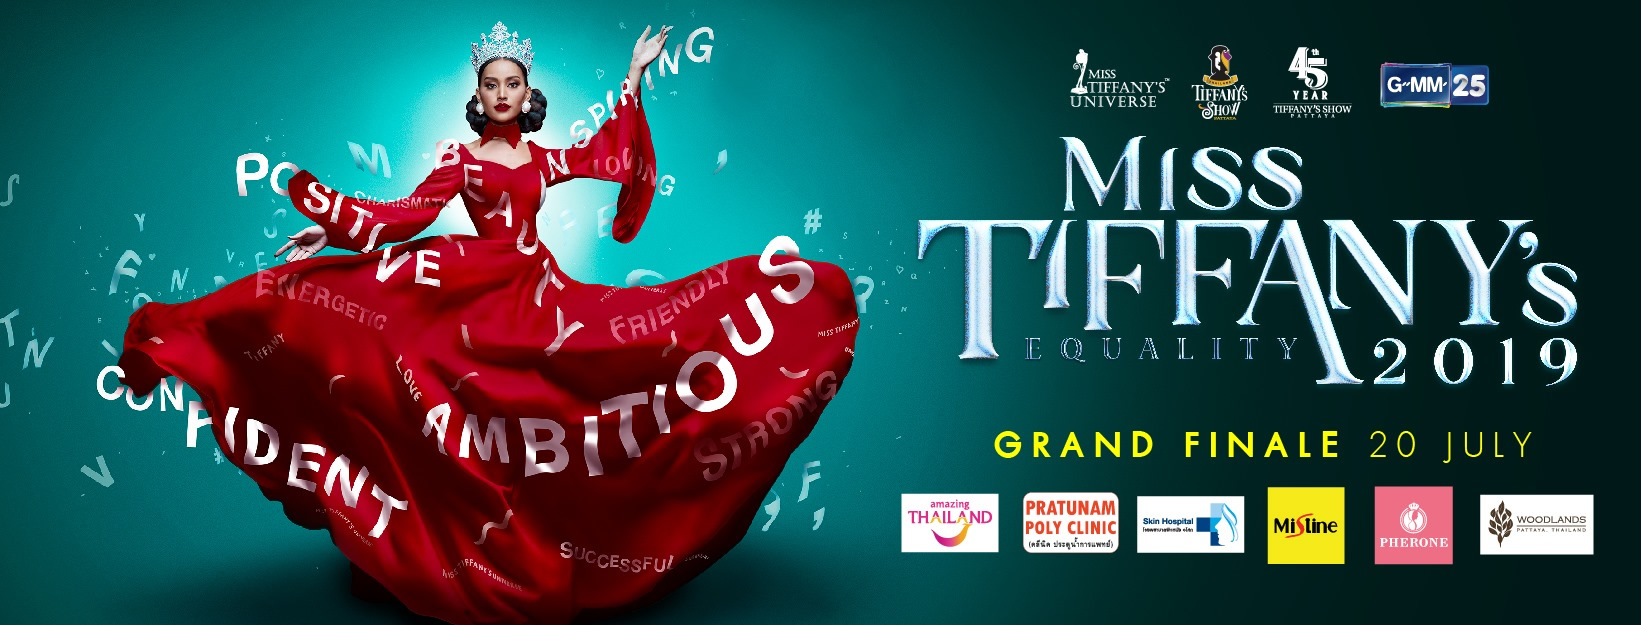 ニューハーフ美女32人がタイでナンバーワンを目指す!「Miss Tiffany's 2019」開催